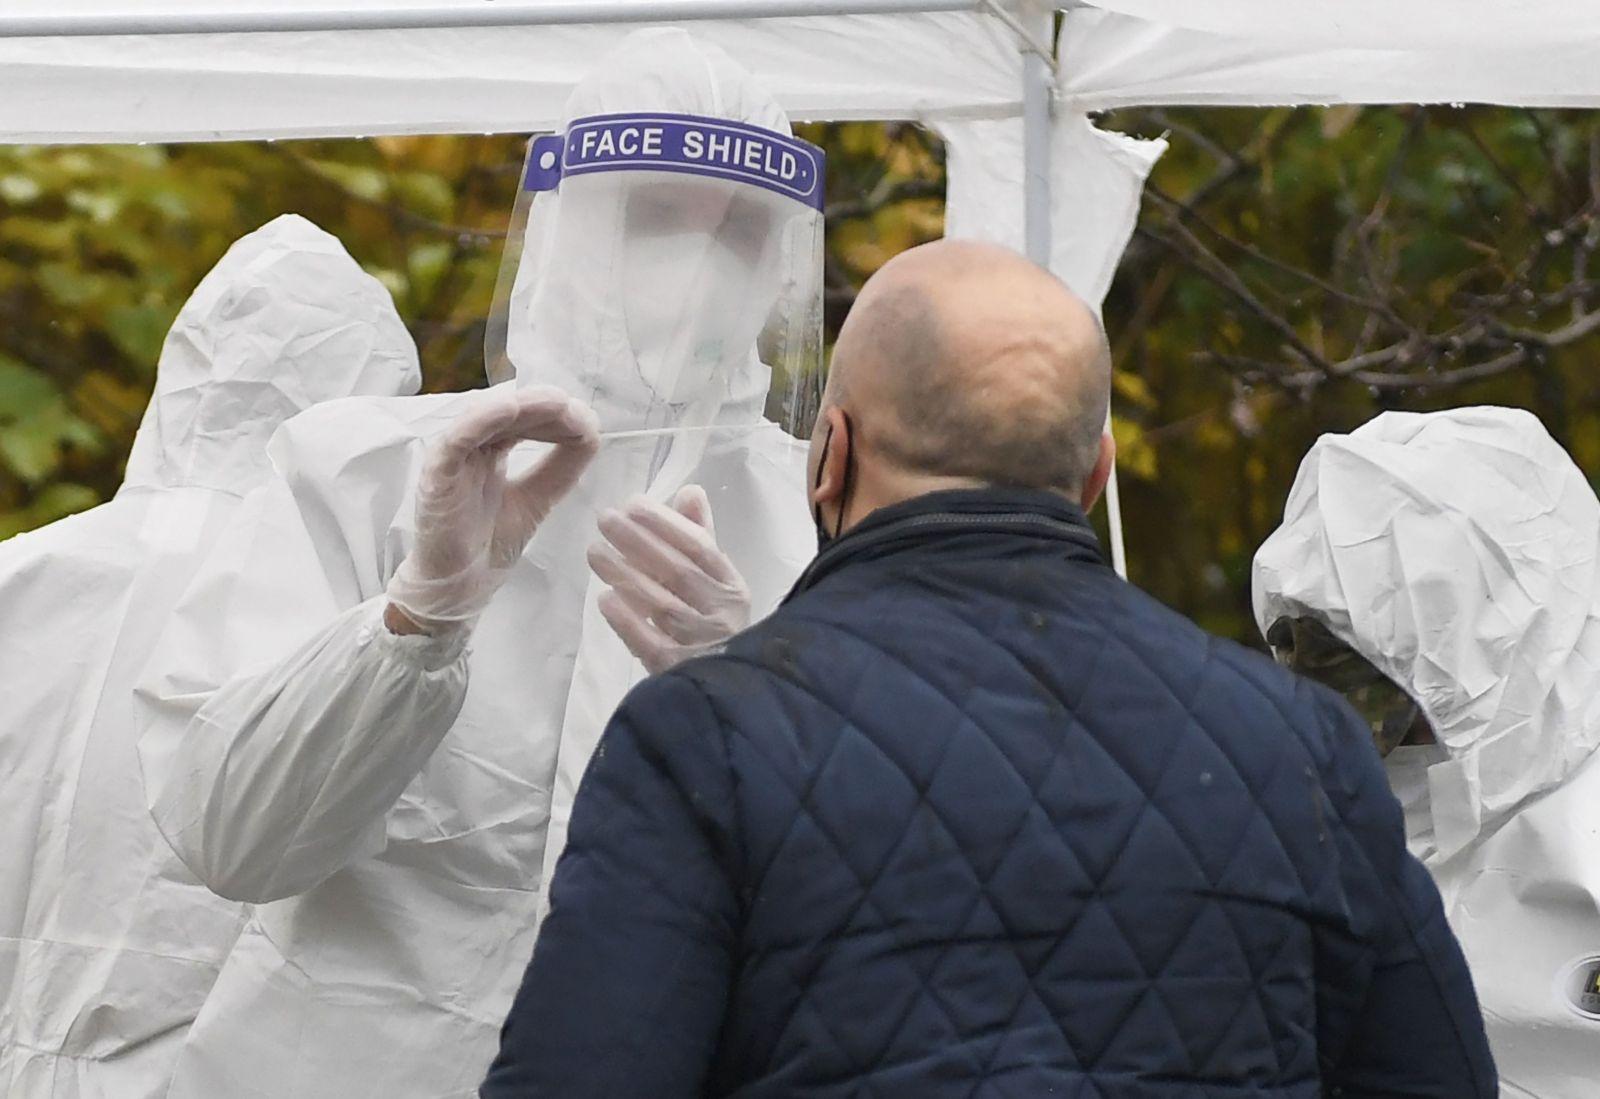 Celoplošné testovanie: Košice avizujú, že nestihnú otestovať 70-tisíc ľudí. V Banskej Bystrici ešte inštalujú verejné osvetlenie